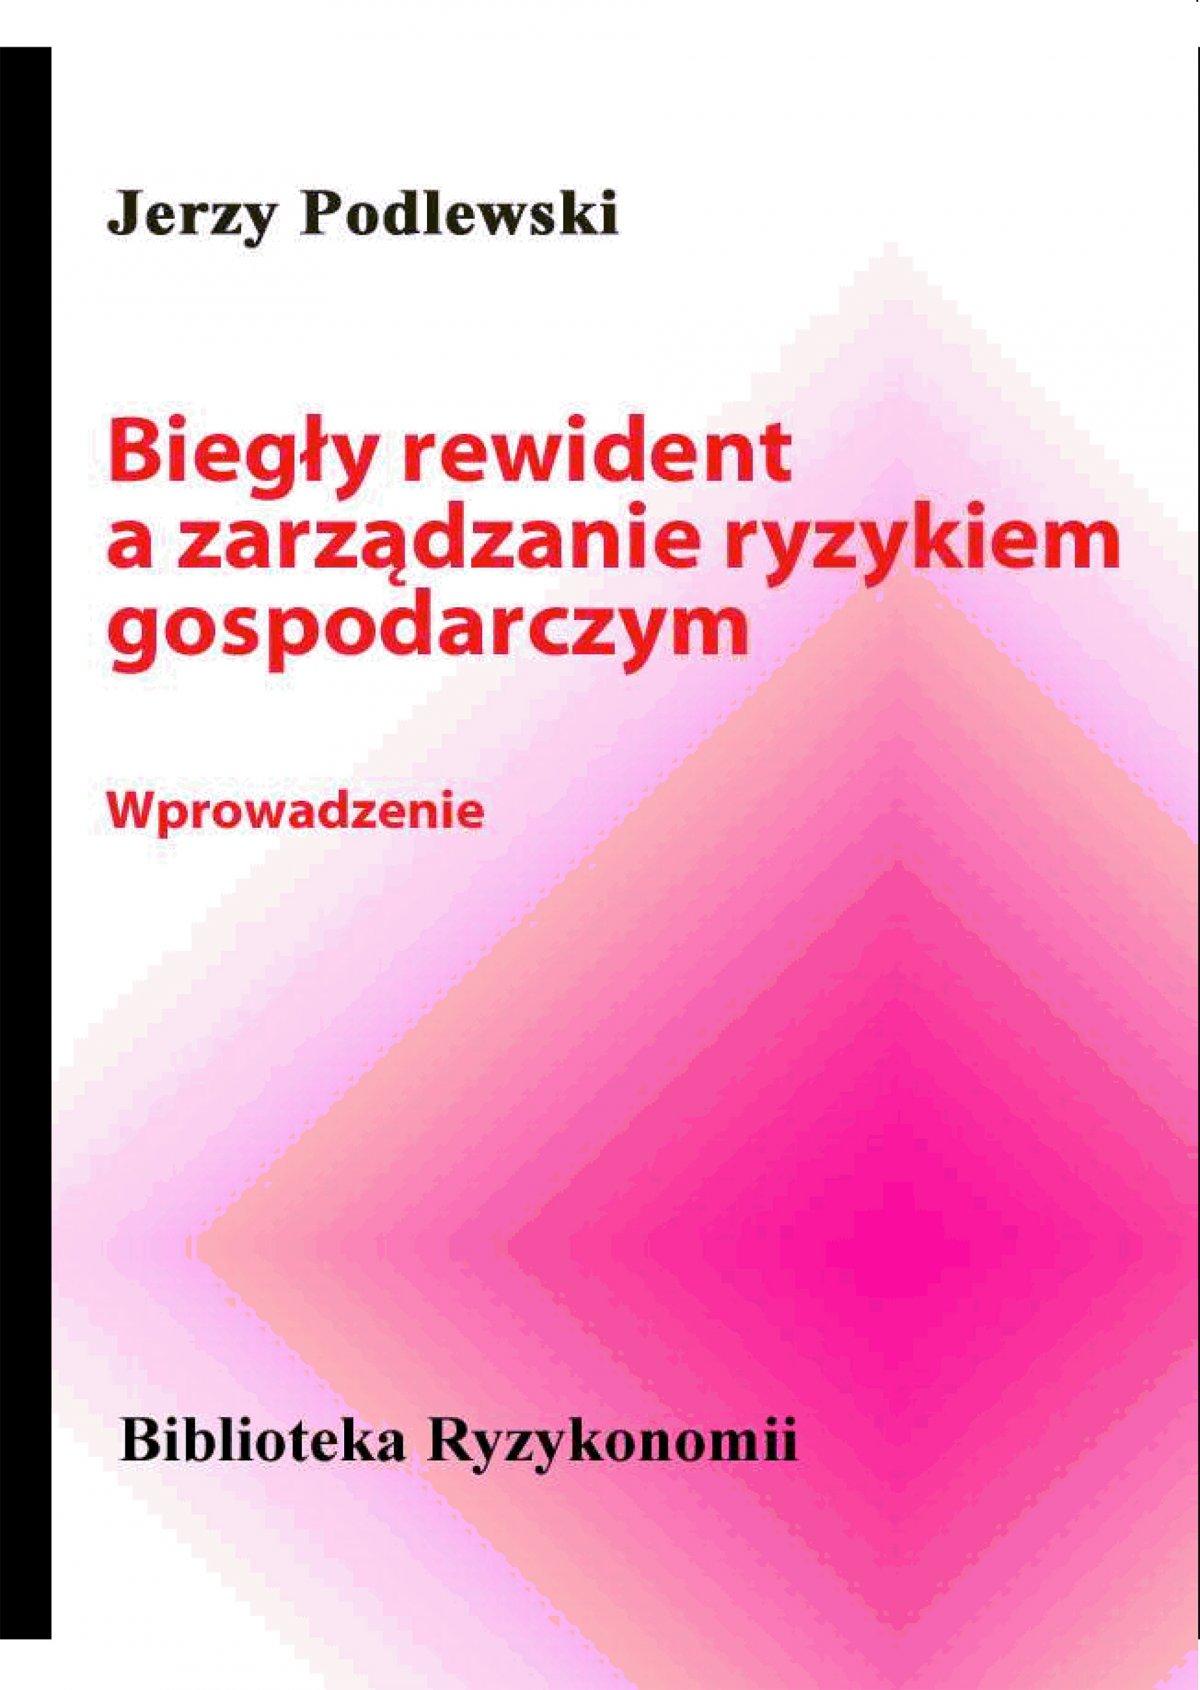 Biegły rewident a zarządzanie ryzykiem gospodarczym - Ebook (Książka PDF) do pobrania w formacie PDF